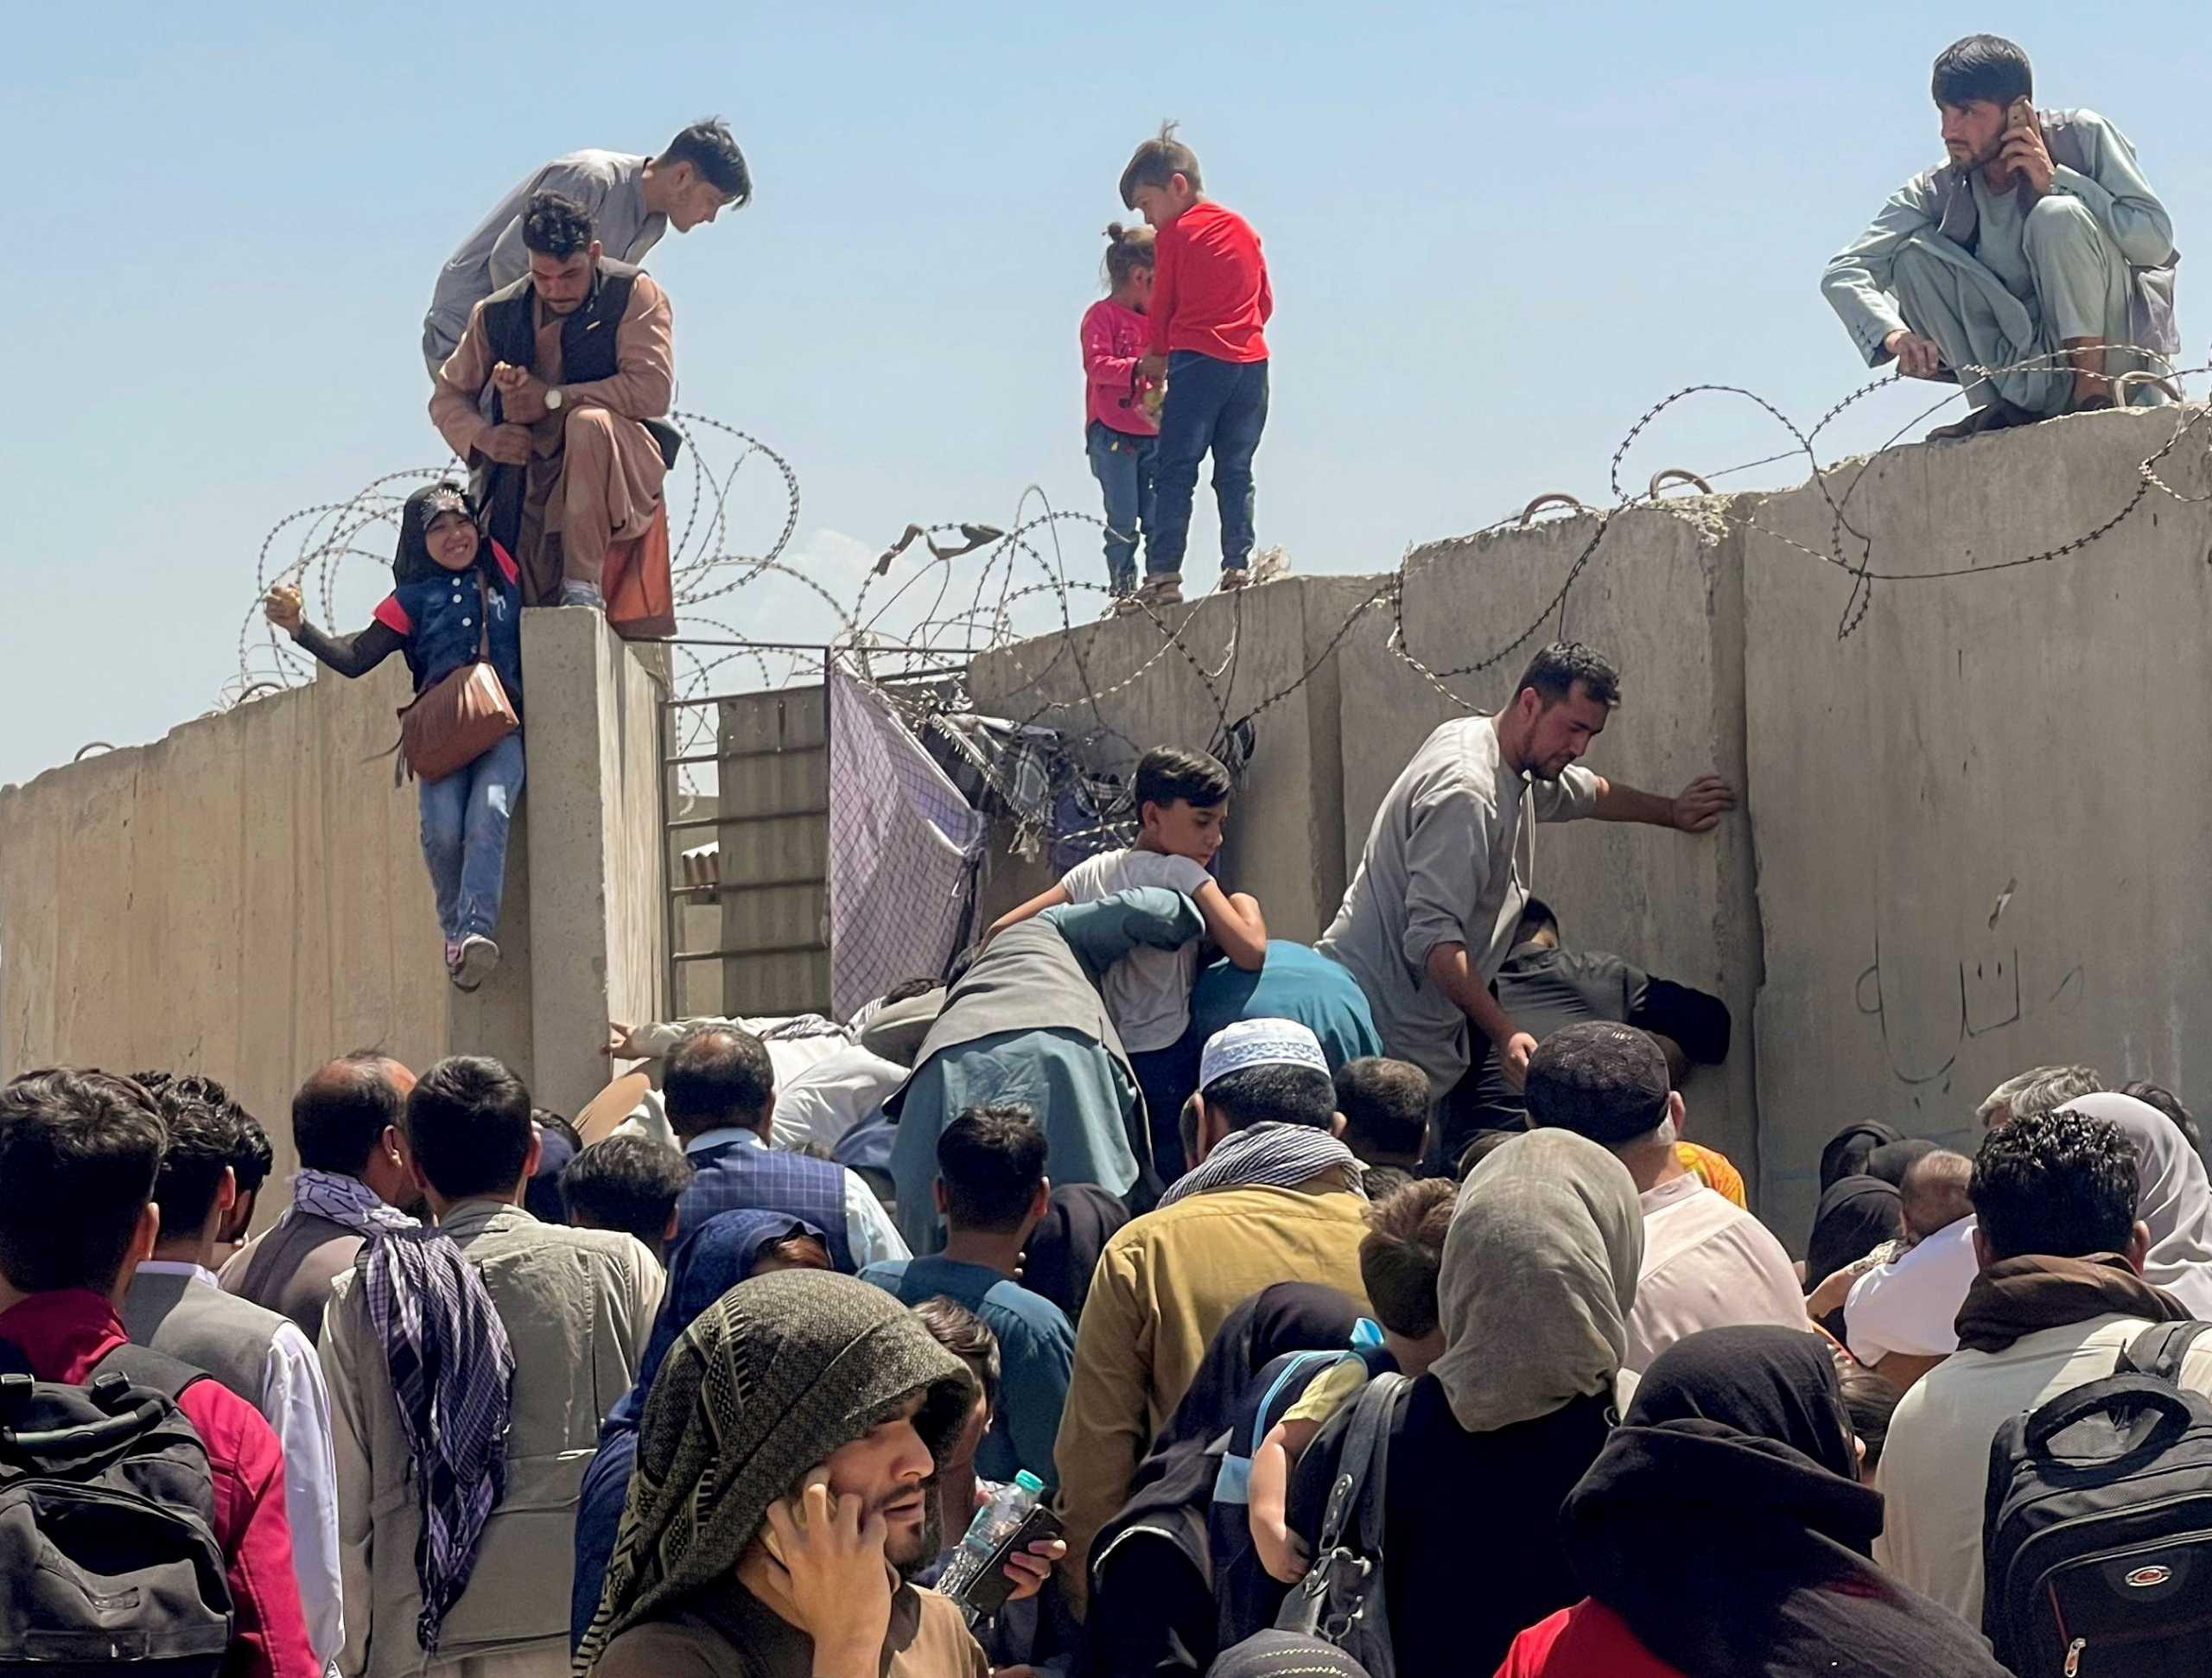 Αφγανιστάν: Απόγνωση χωρίς όρια – Μανάδες «πετούν» τα παιδιά τους σε στρατιώτες για να τα σώσουν